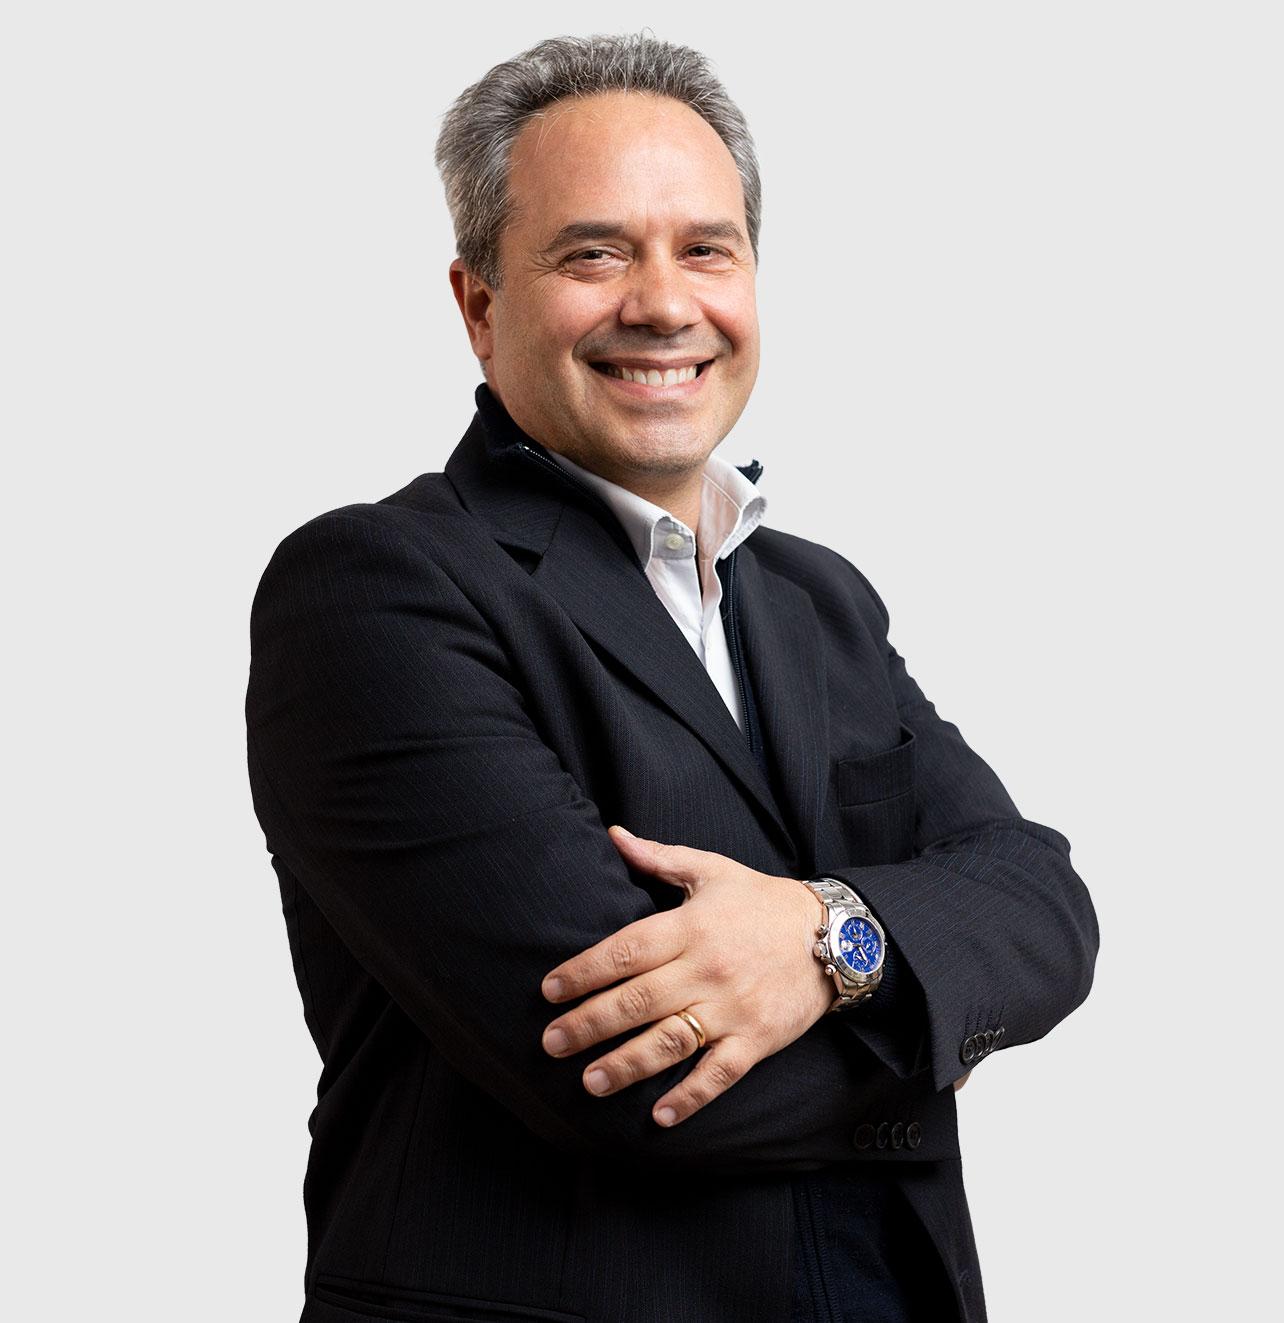 Stefano Rubino